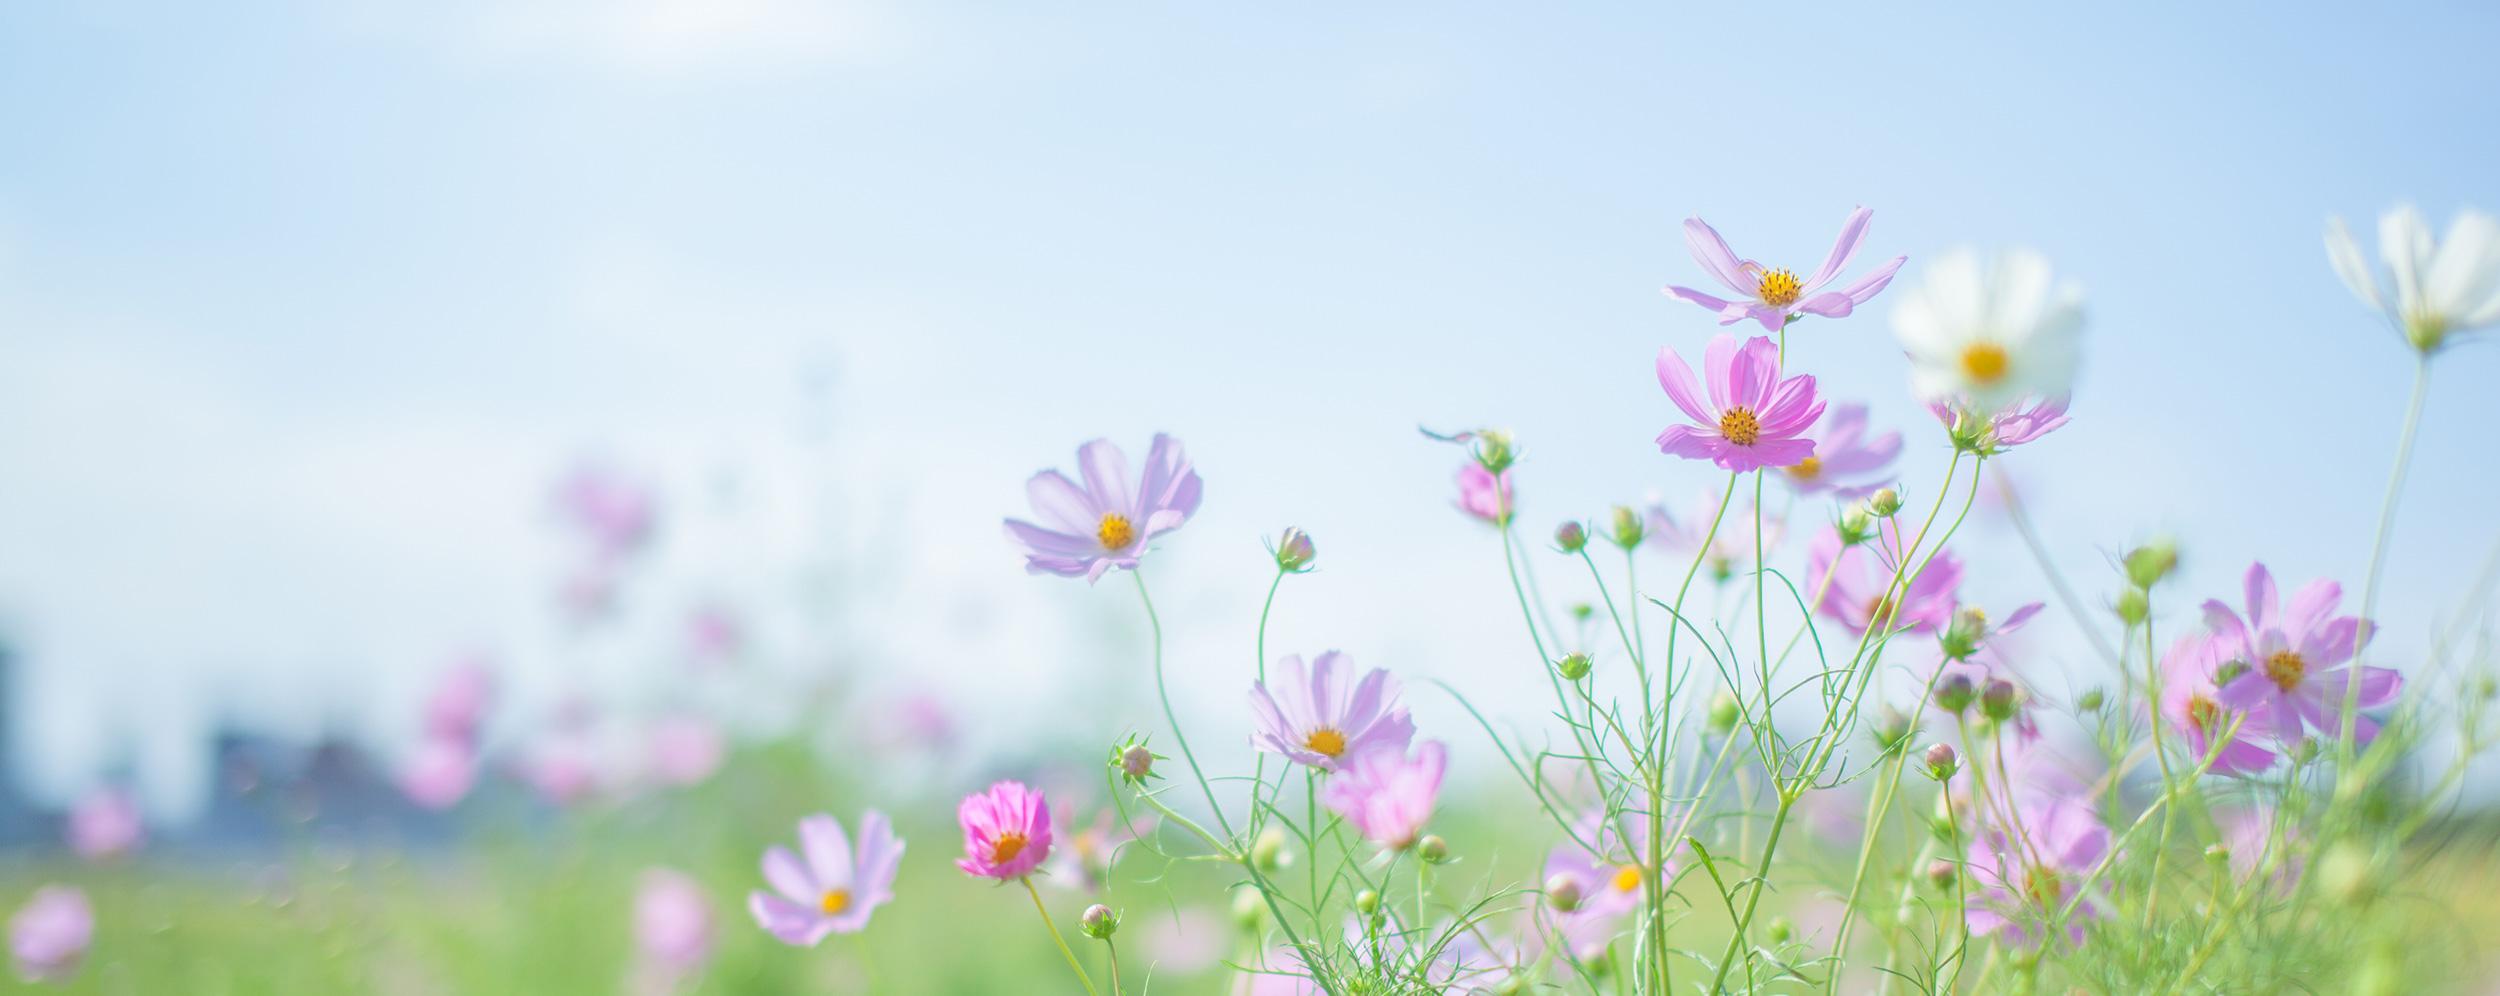 秋桜のイメージ